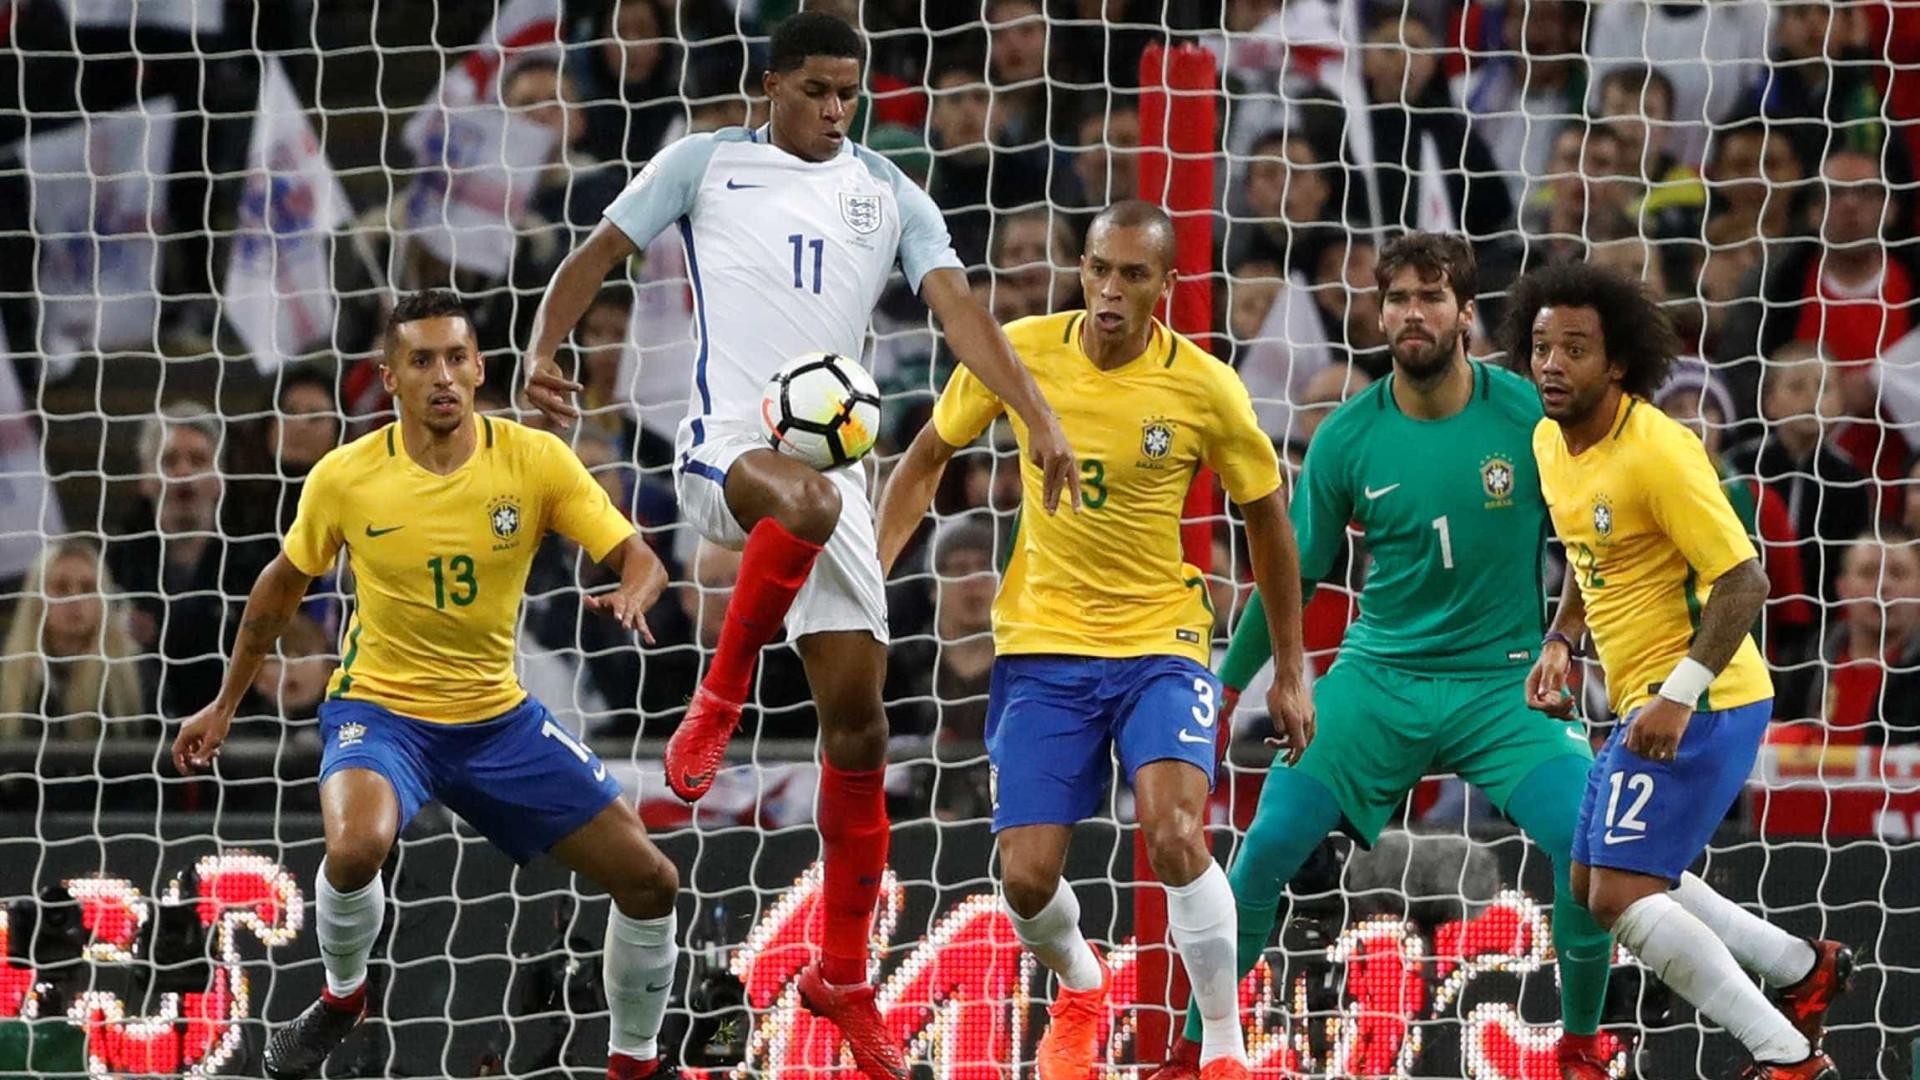 Brasil empata com Inglaterra em jogo morno no estádio de Wembley